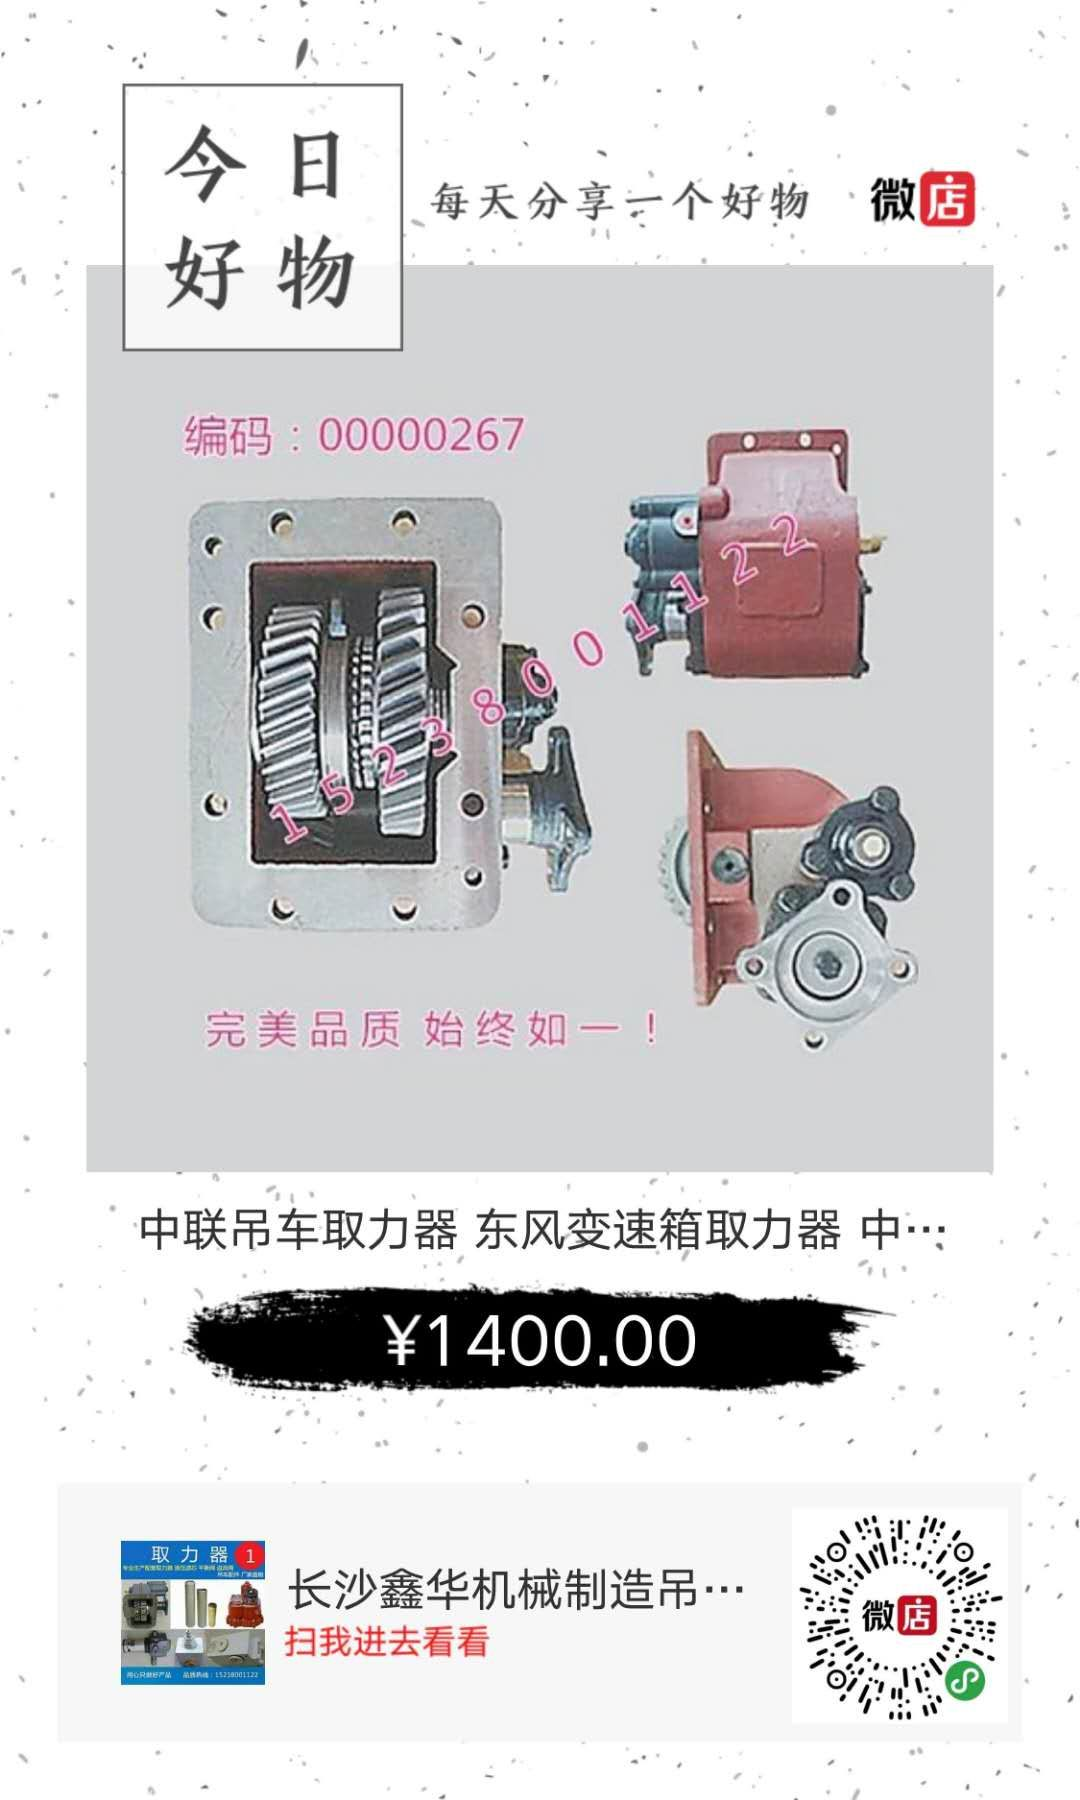 mmexport1524454043670.jpg